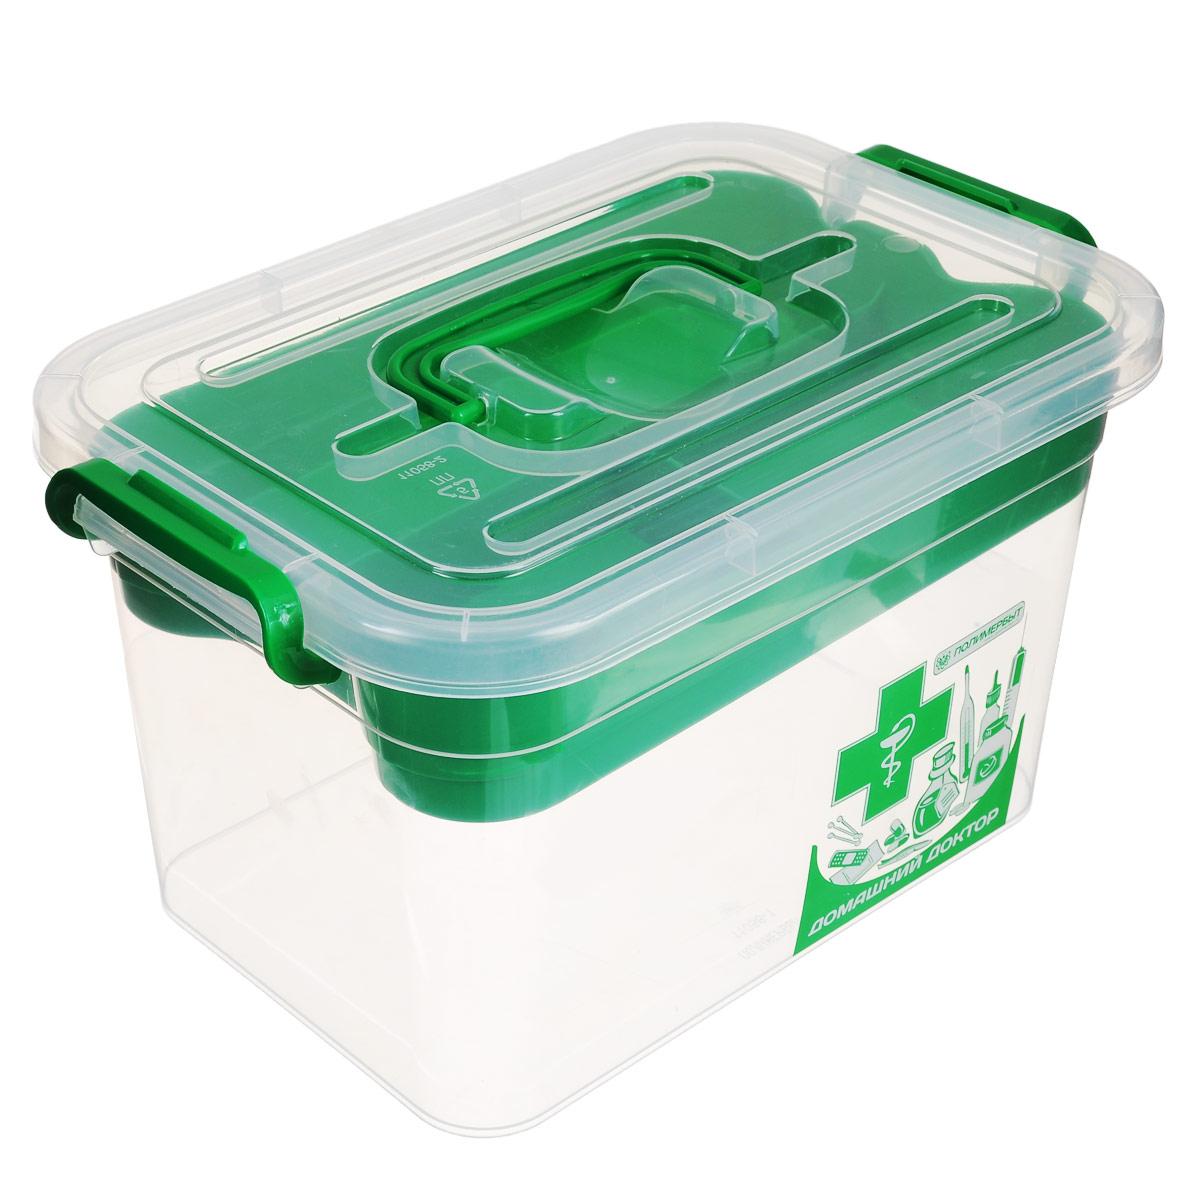 Контейнер для аптечки Полимербыт Домашний доктор, с вкладышем, цвет: зеленый, 6,5 л16050Контейнер Полимербыт Домашний доктор выполнен из прозрачного пластика. Для удобства переноски сверху имеется ручка. Внутрь вставляется цветной вкладыш с тремя отделениями. Контейнер плотно закрывается крышкой с защелками. Контейнер для аптечки Полимербыт Домашний доктор очень вместителен и поможет вам хранить все лекарства в одном месте.